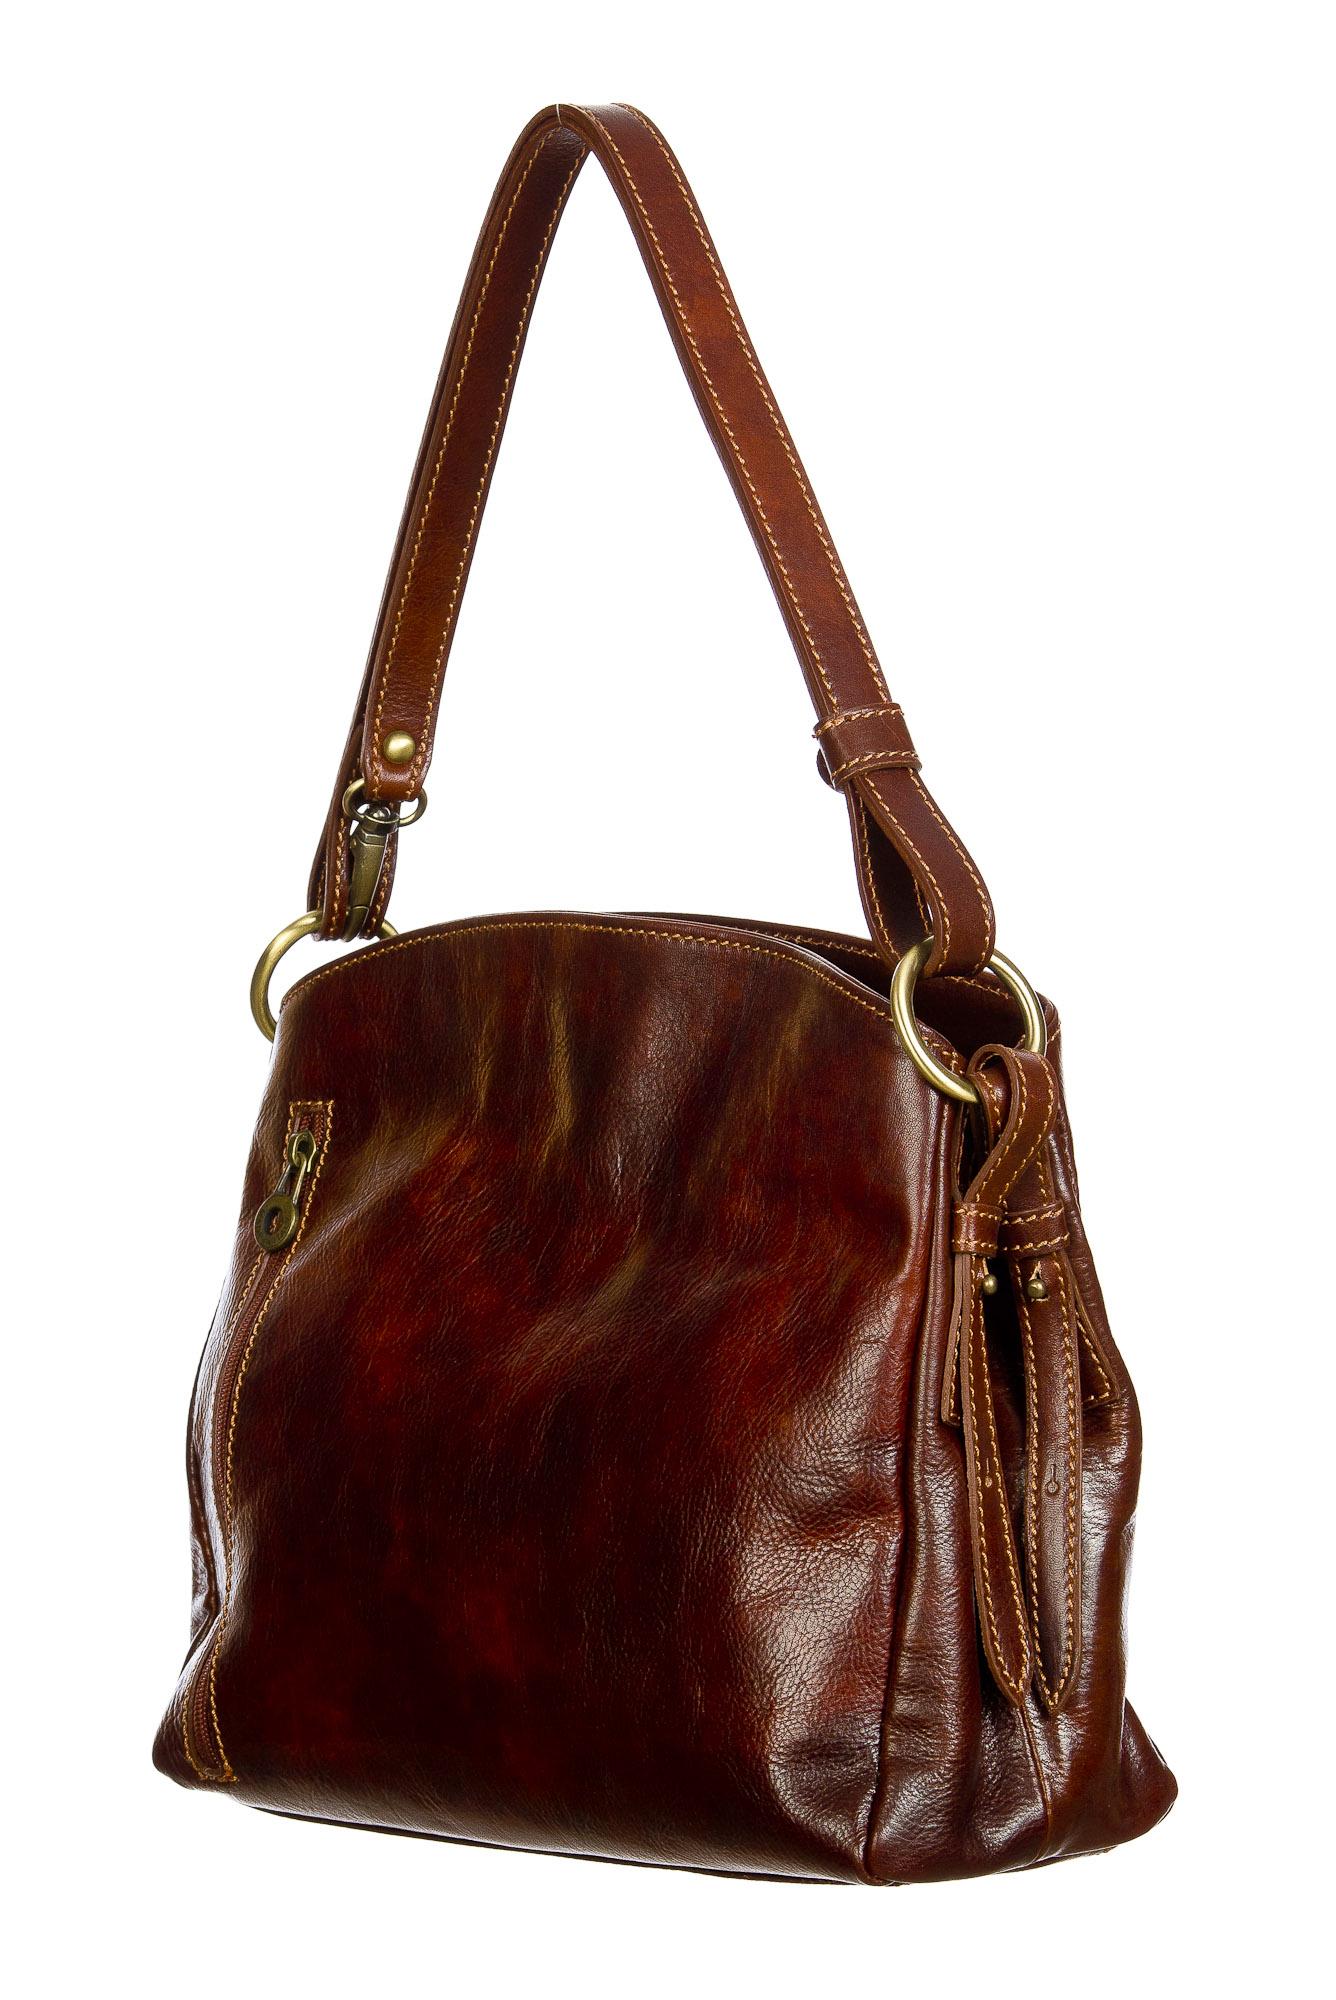 ORNELLA : borsa donna a spalla in cuoio, colore : MARRONE, Made in Italy